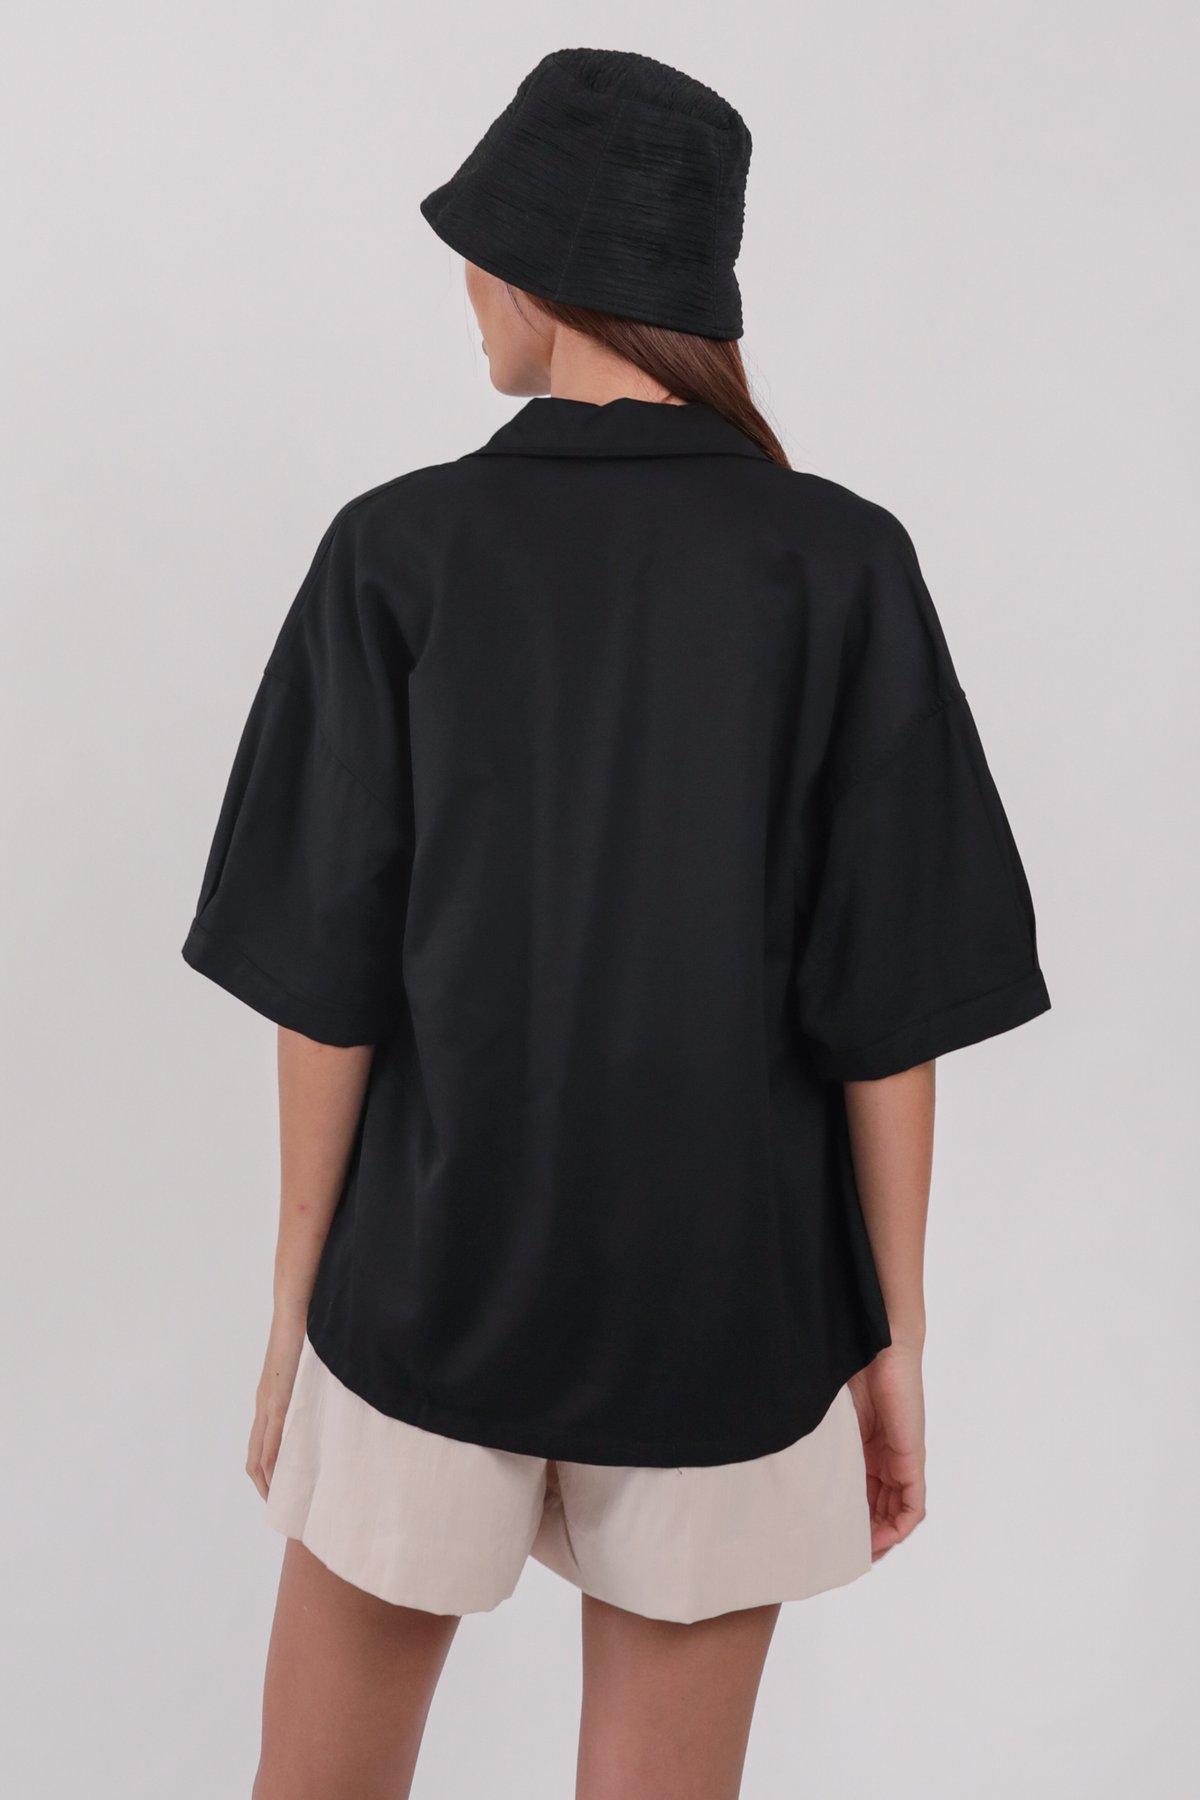 Beyond Boyfriend Shirt (Black)